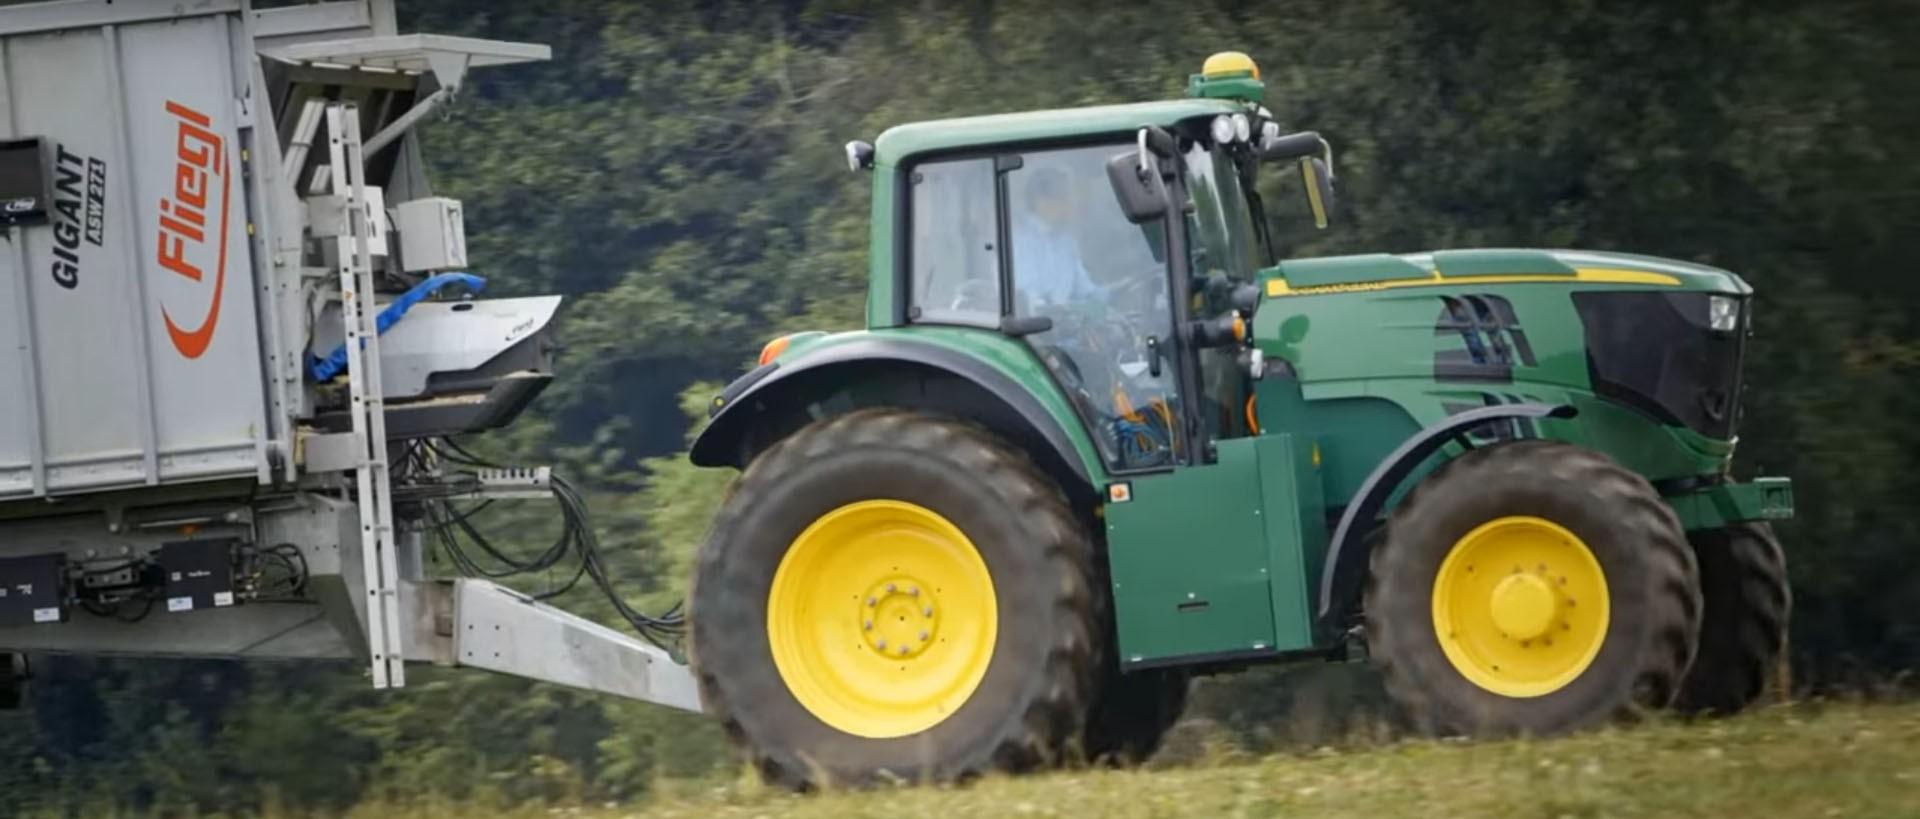 John Deere Tractor Shows : John deere reveals hp battery powered tractor for